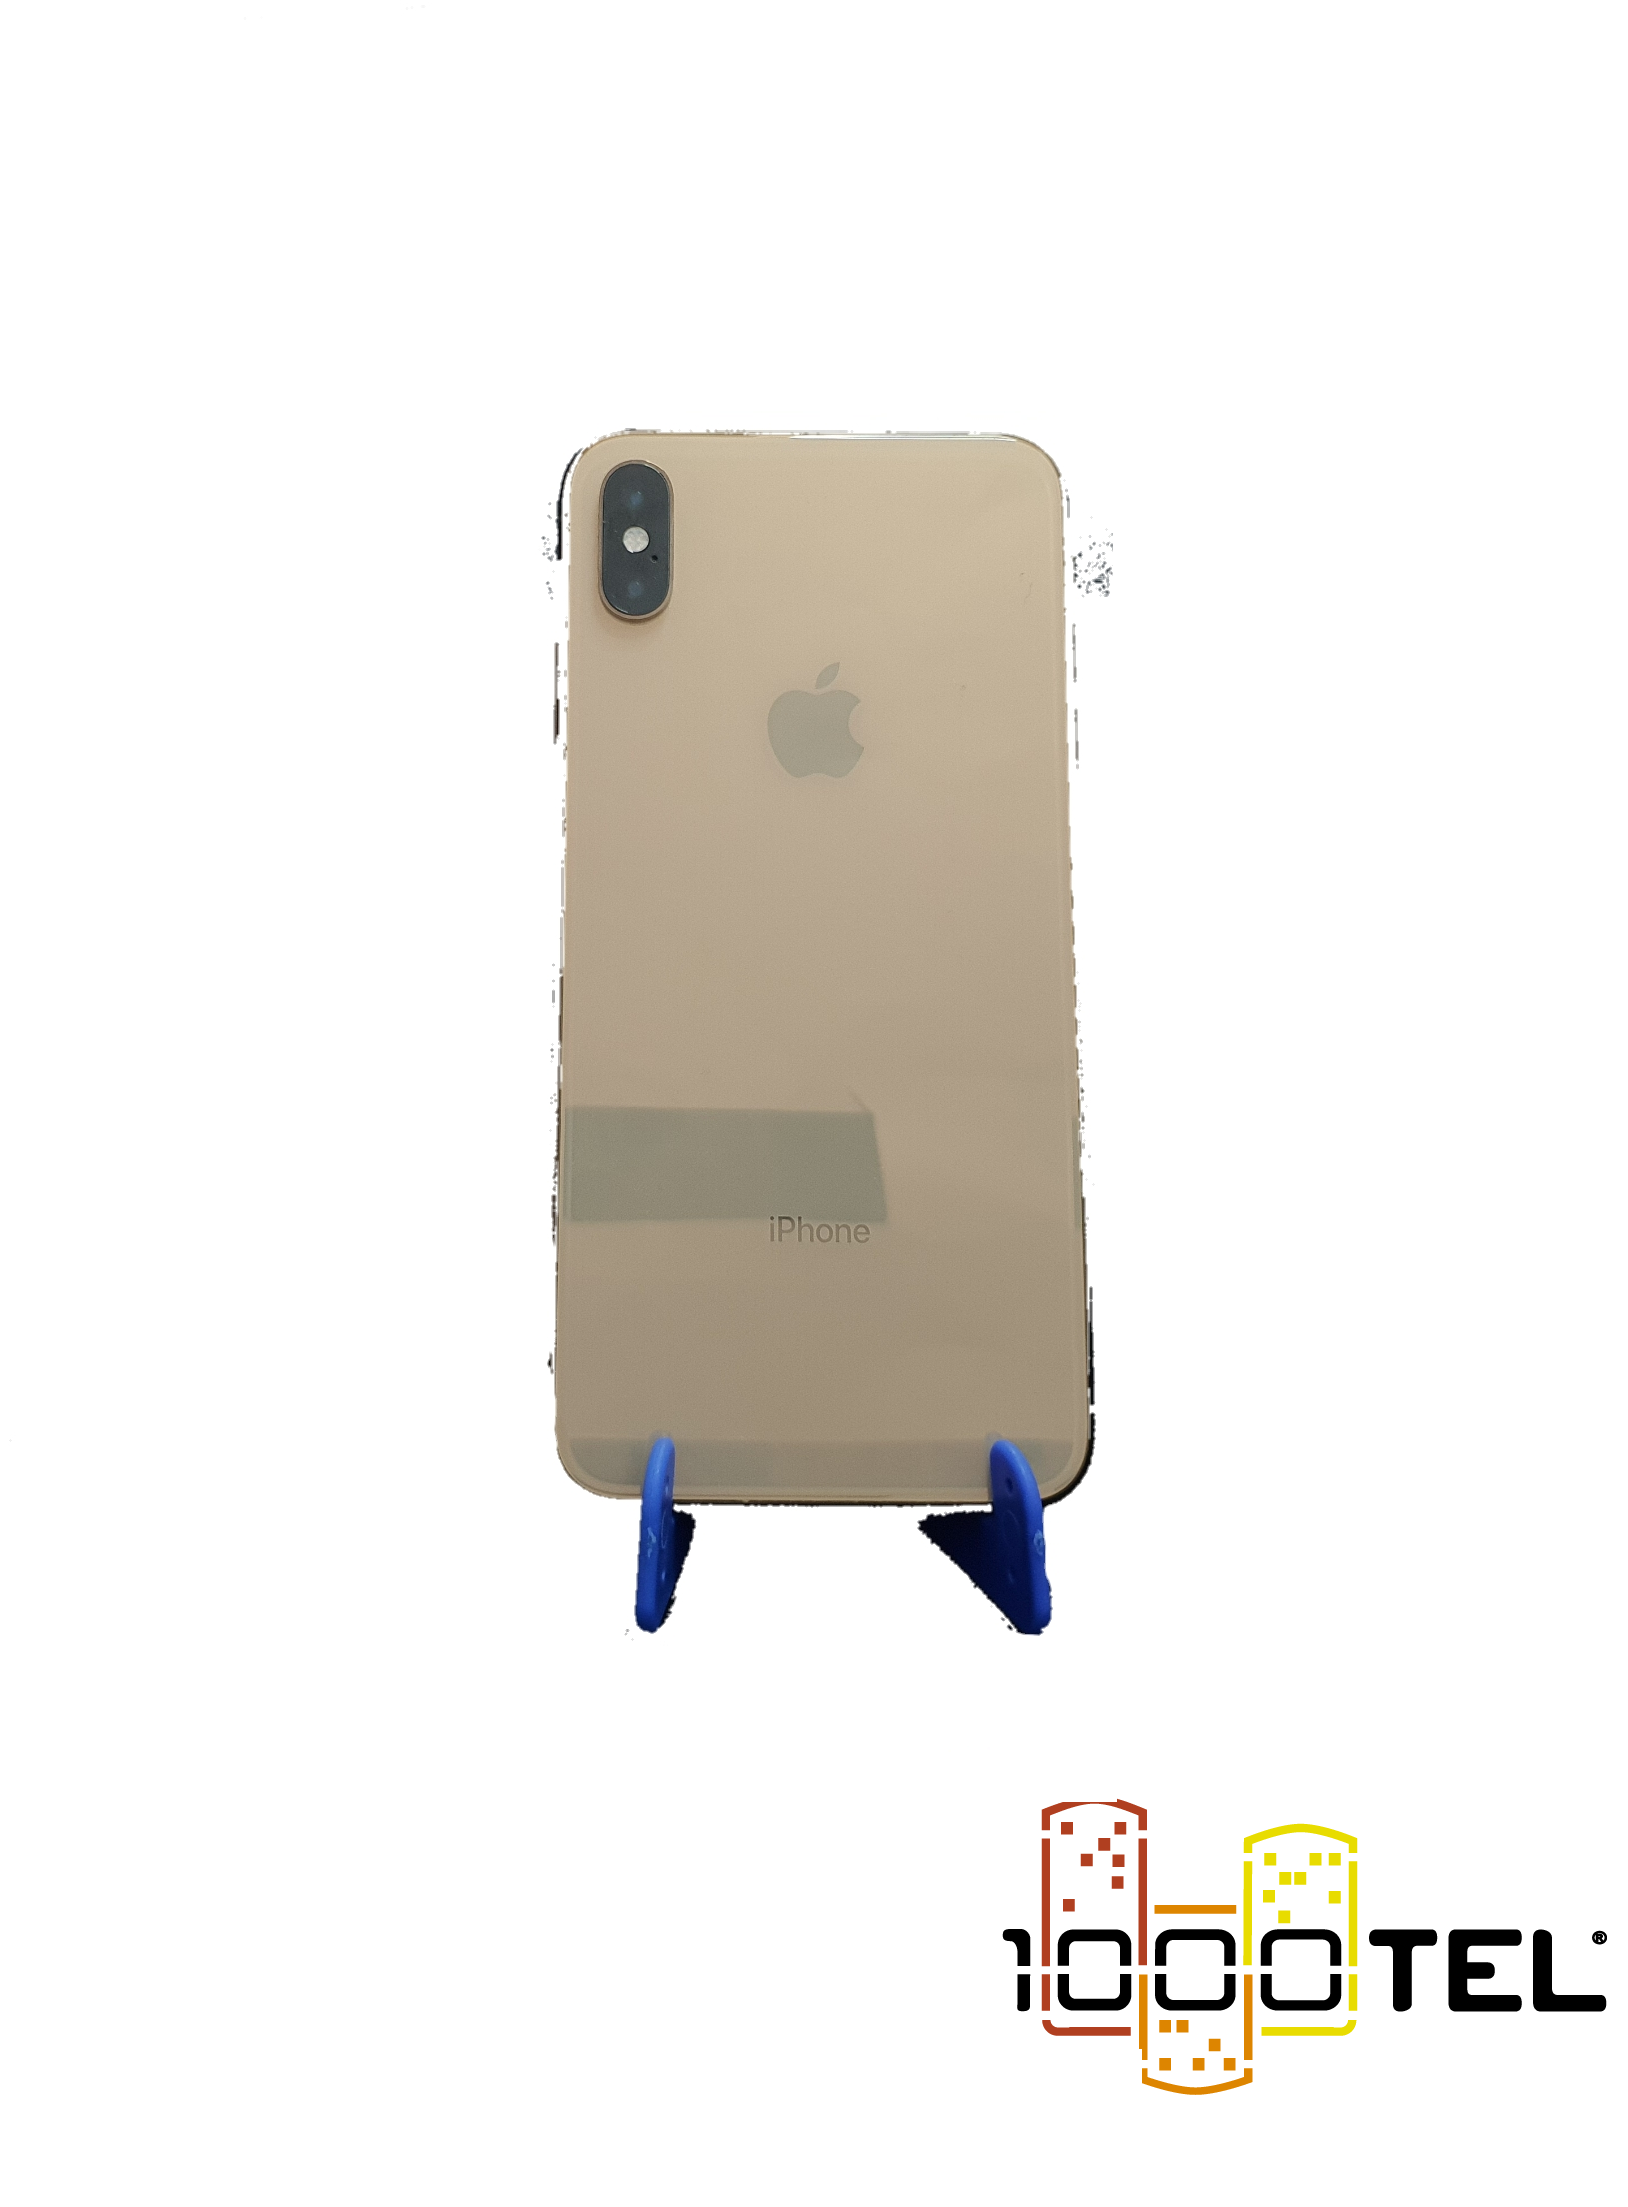 Iphone XS Max 256GB #2